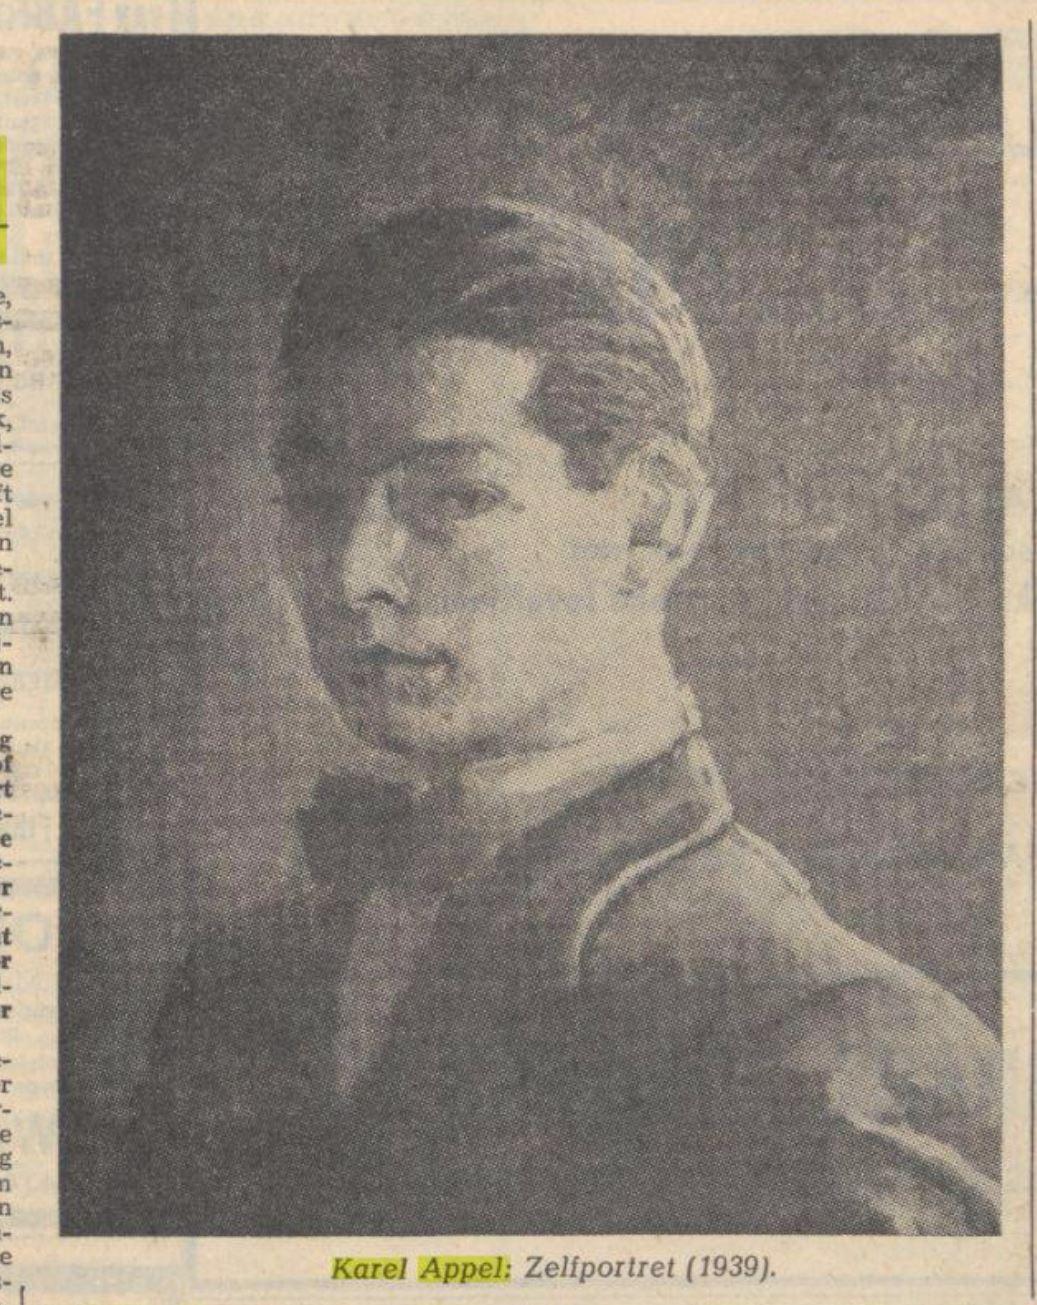 Karel Appel Zelfportret krant 1964